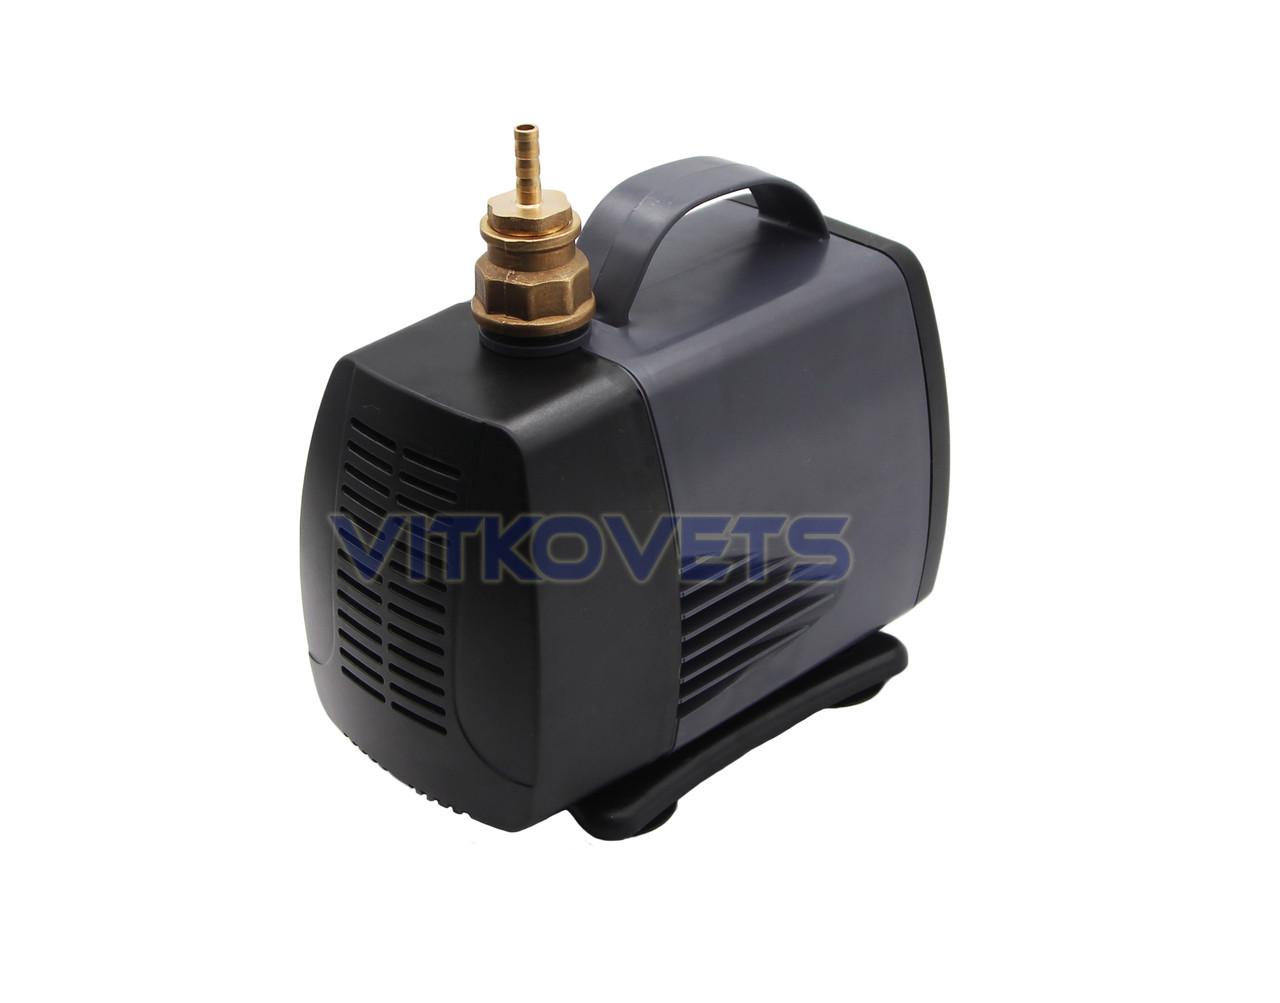 Погружной водяной насос DK-5000, 105W 220AC для охлаждения шпинделя